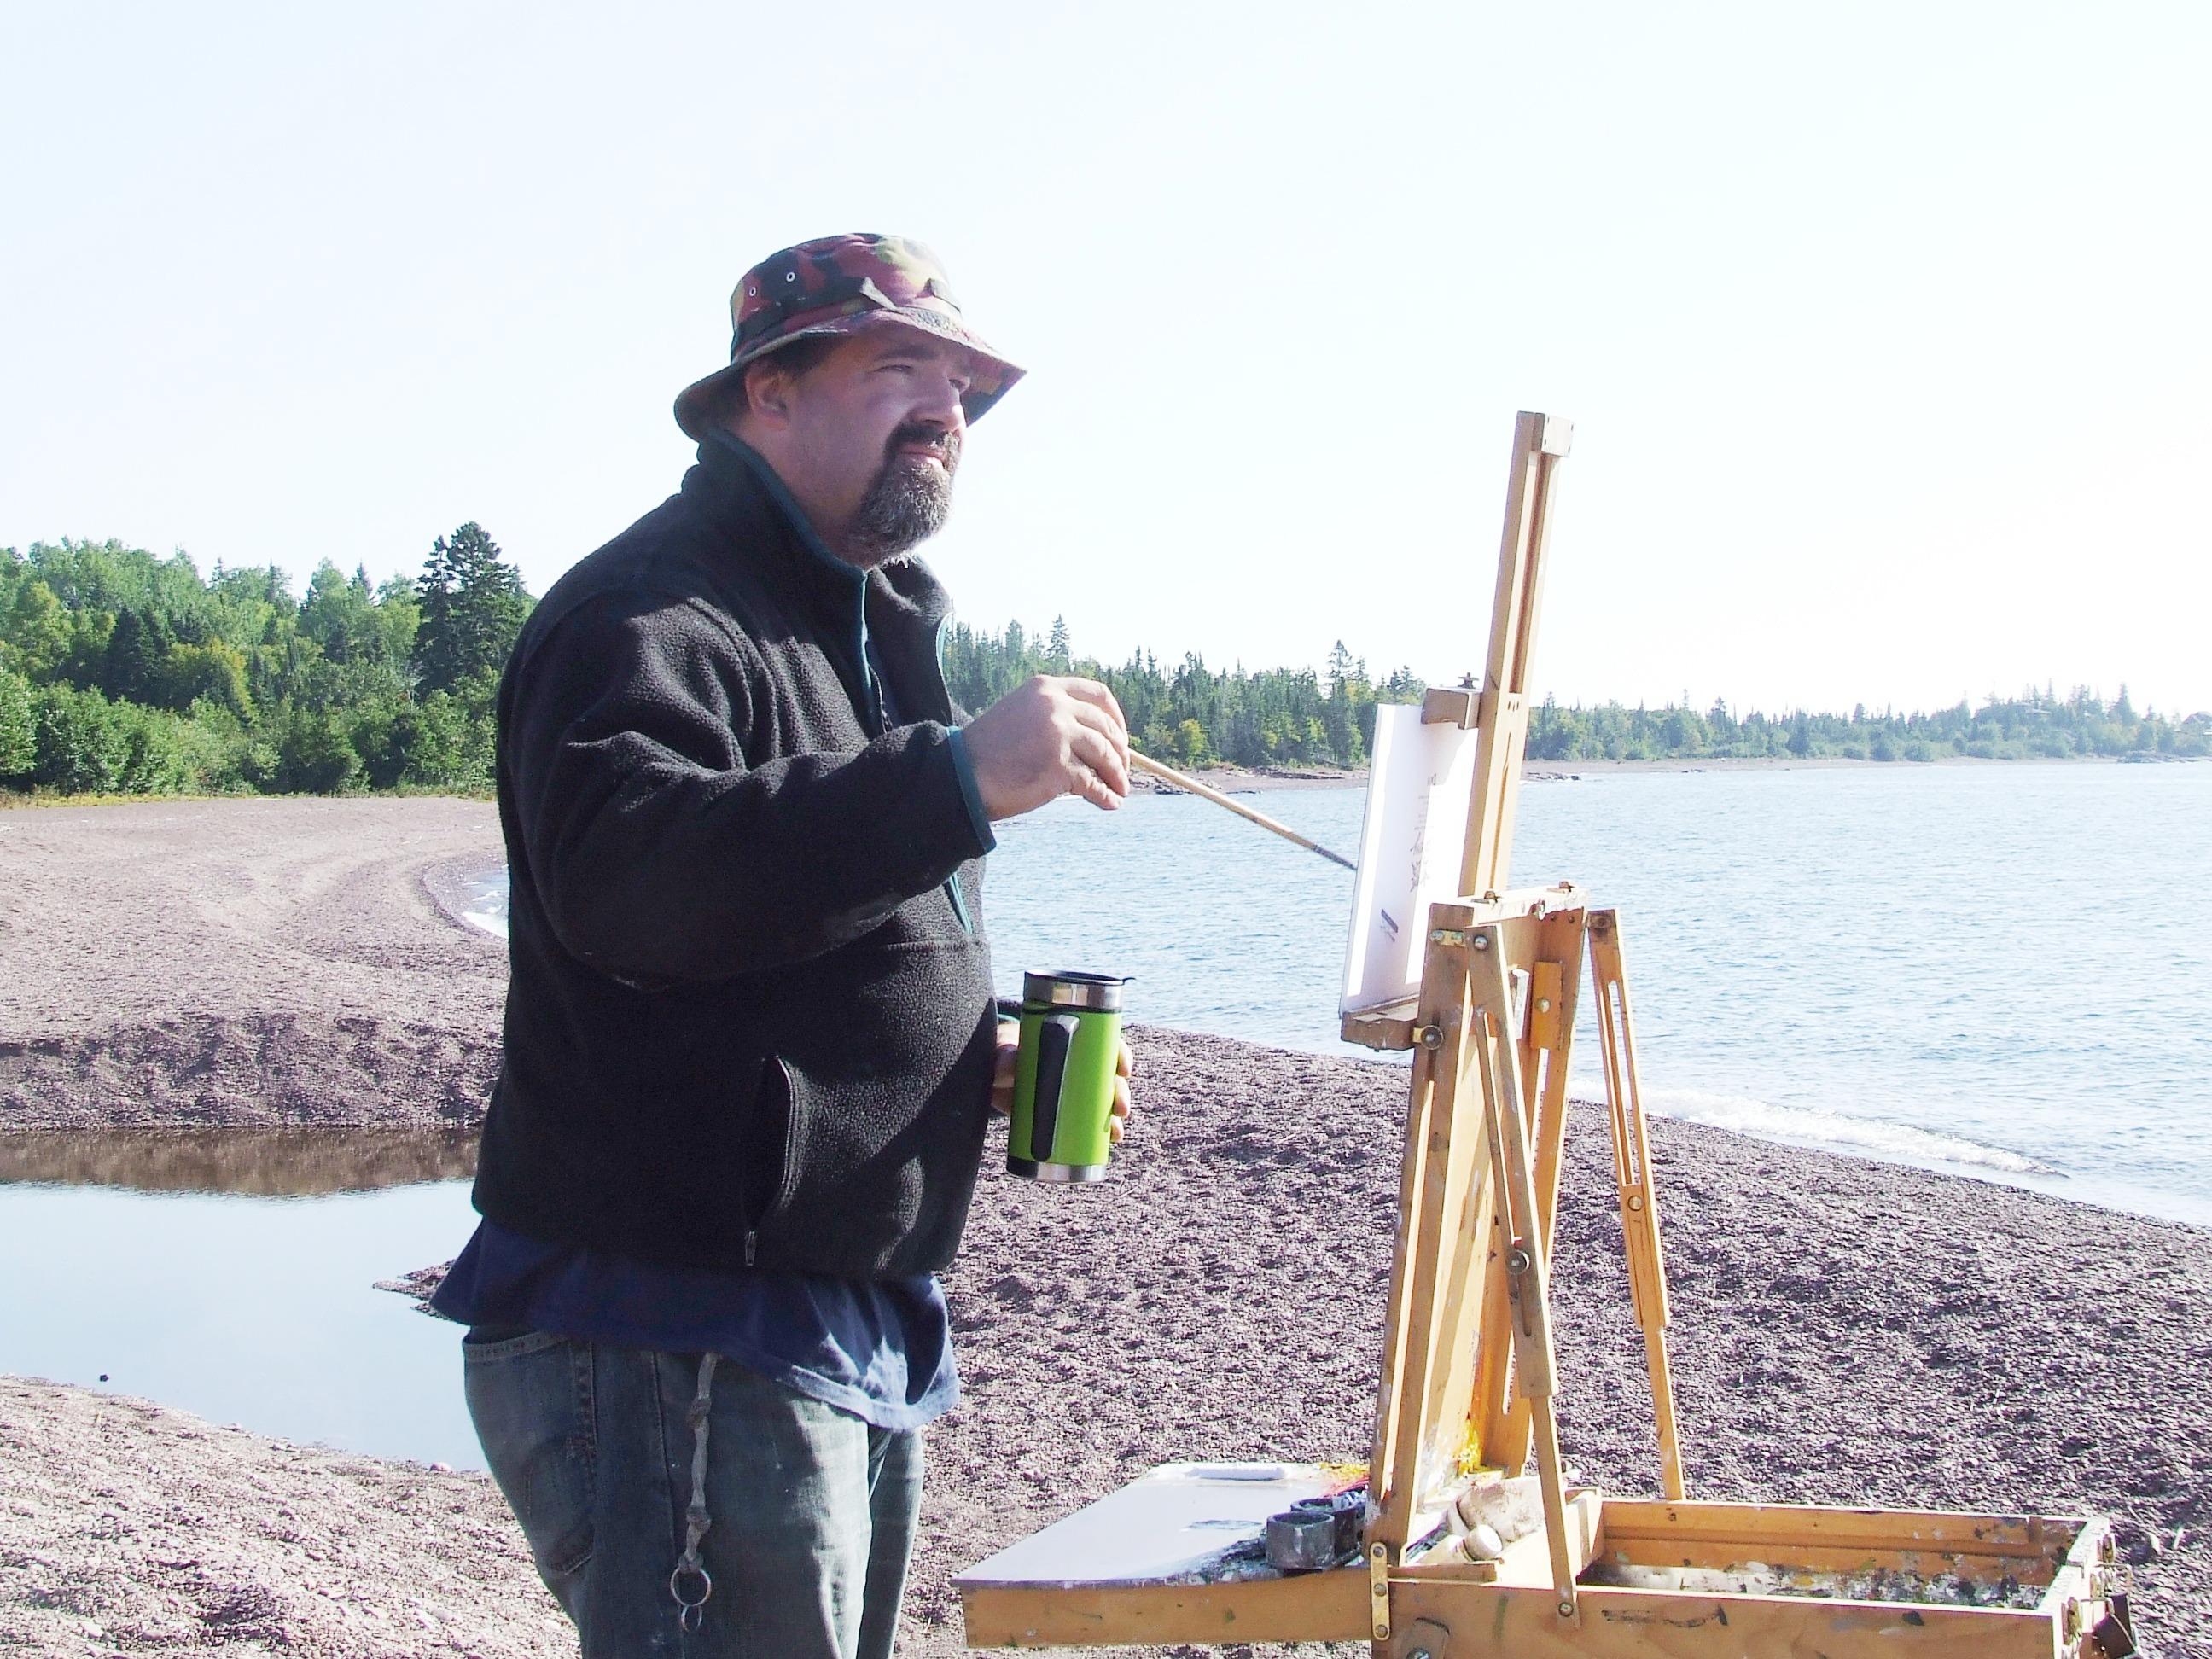 Neil Sherman, plein aire painter